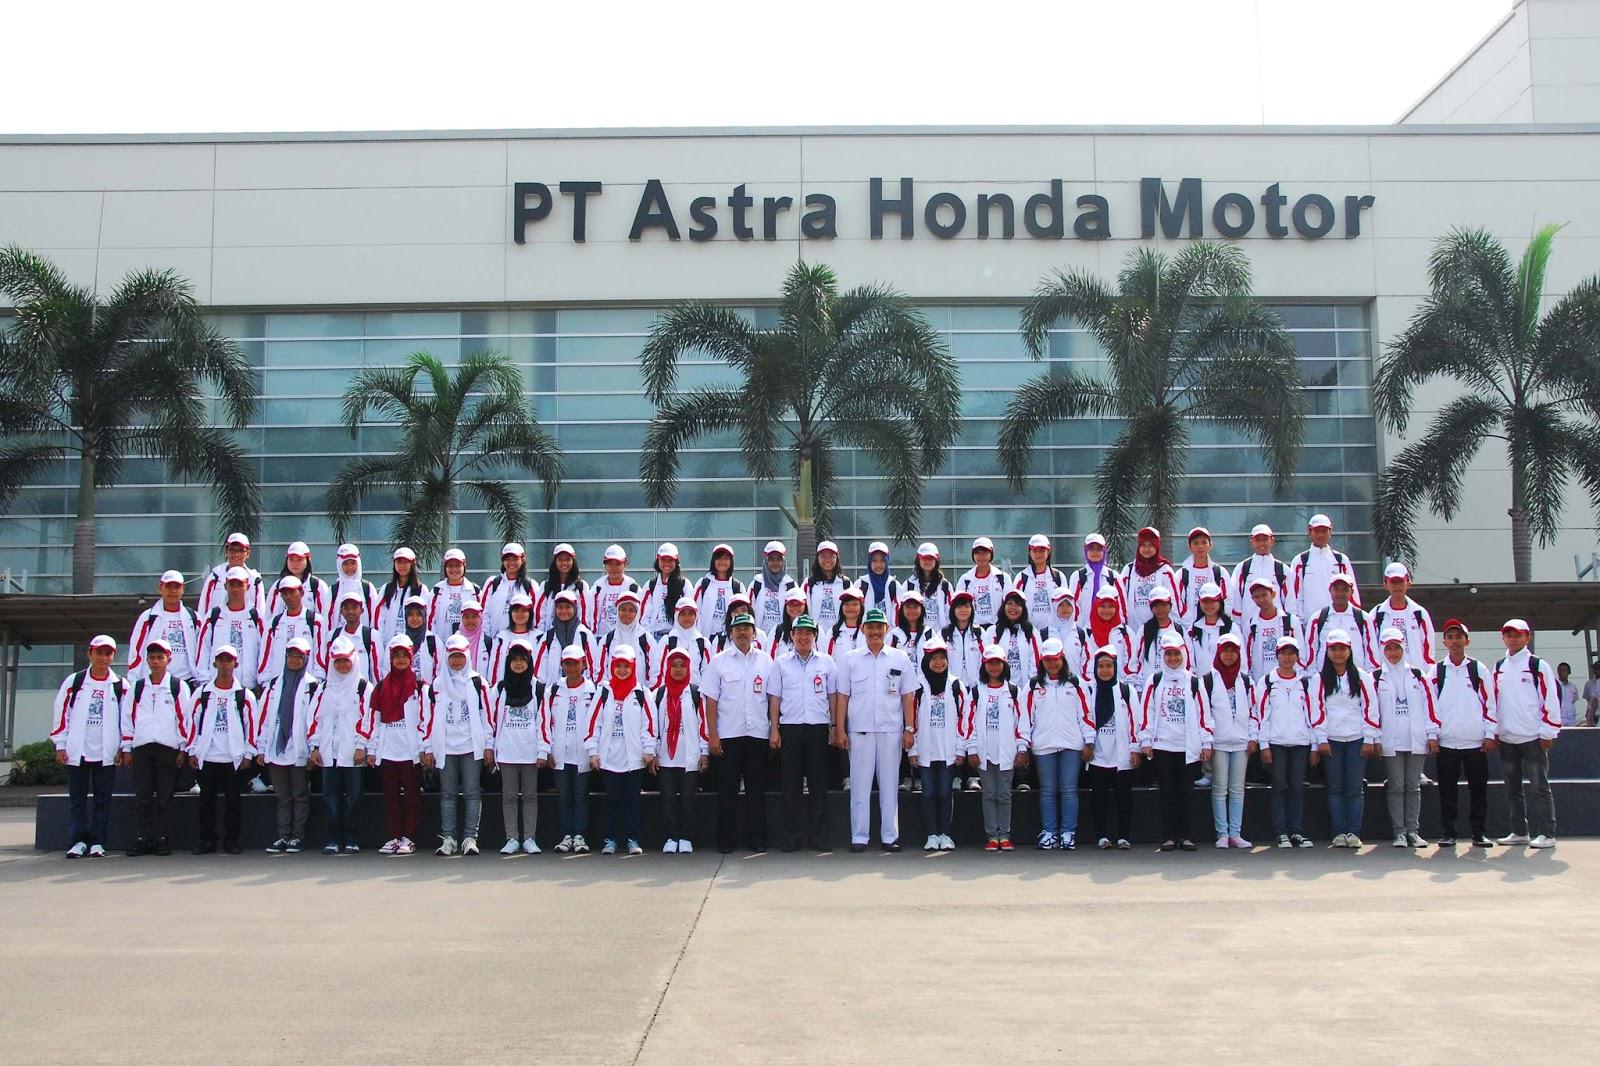 Lowongan Kerja PT. ASTRA HONDA MOTOR Terbaru 2018